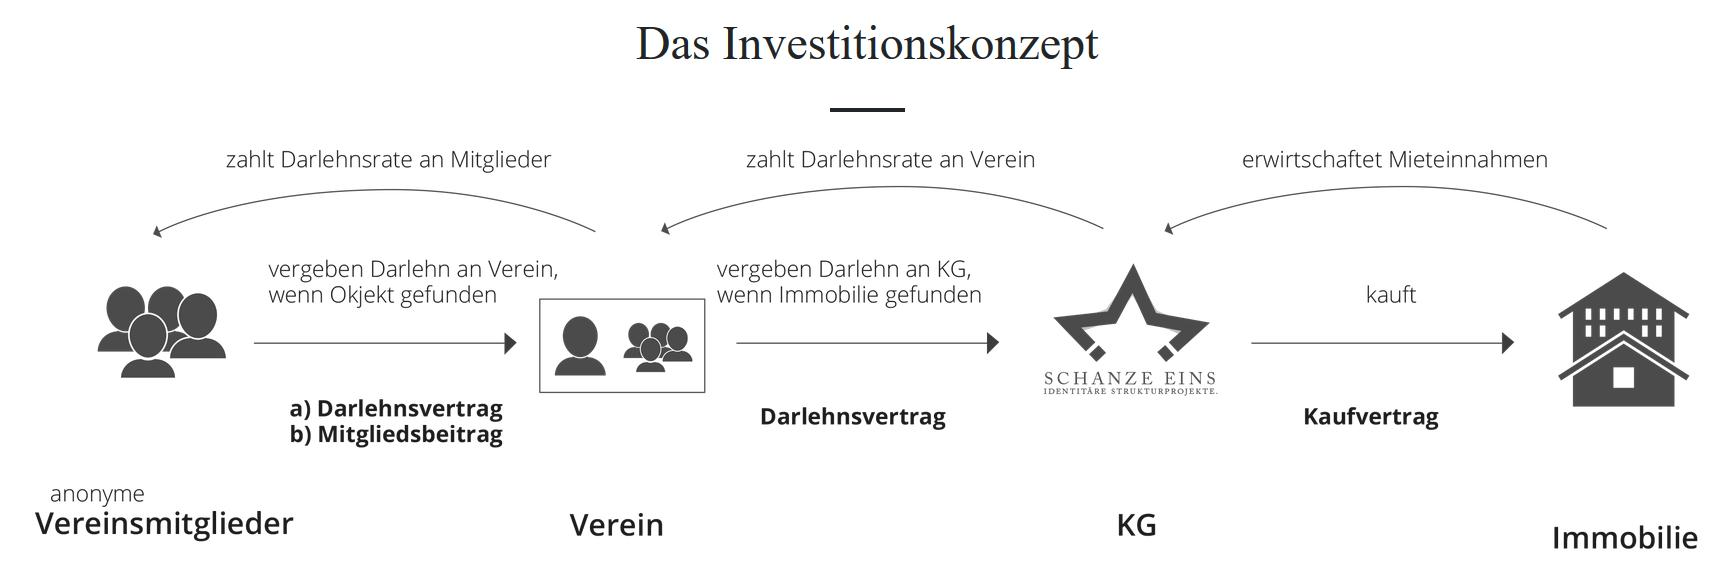 Identitäres Investionskonzept (@neuerechtewatch)